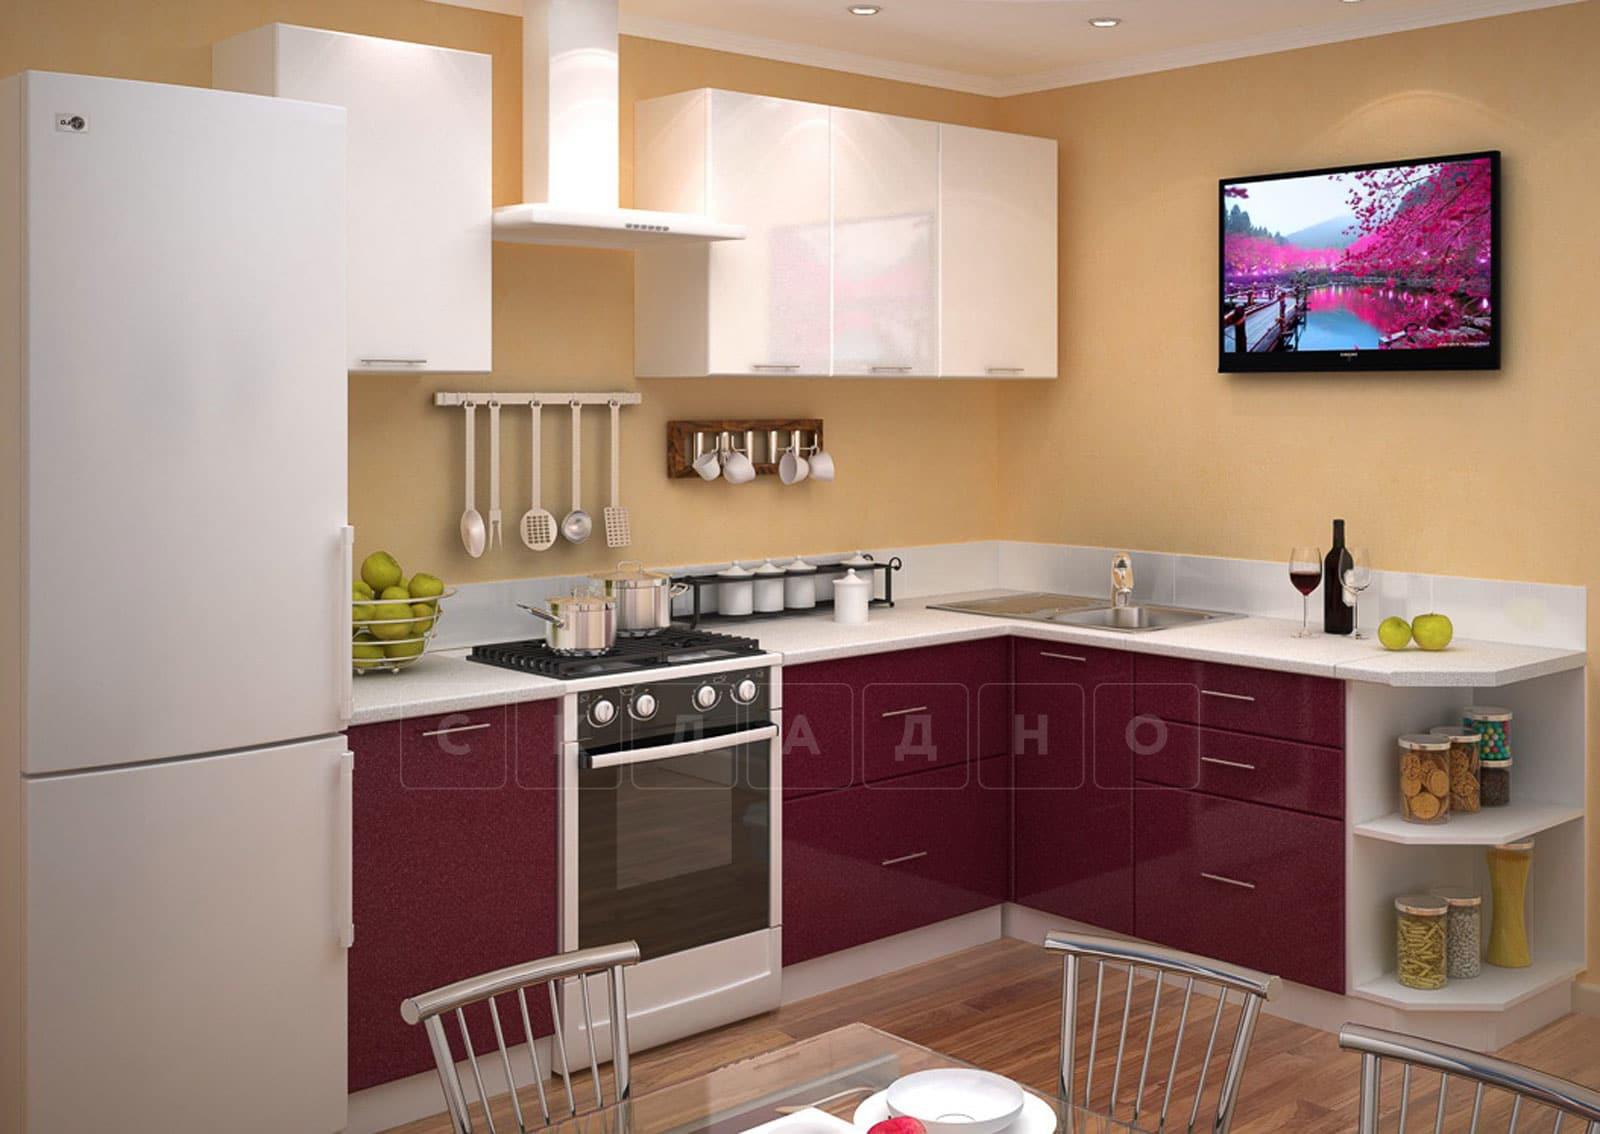 Кухня угловая Шарлотта 1,9х1,8 м гламур с белым фото 1 | интернет-магазин Складно